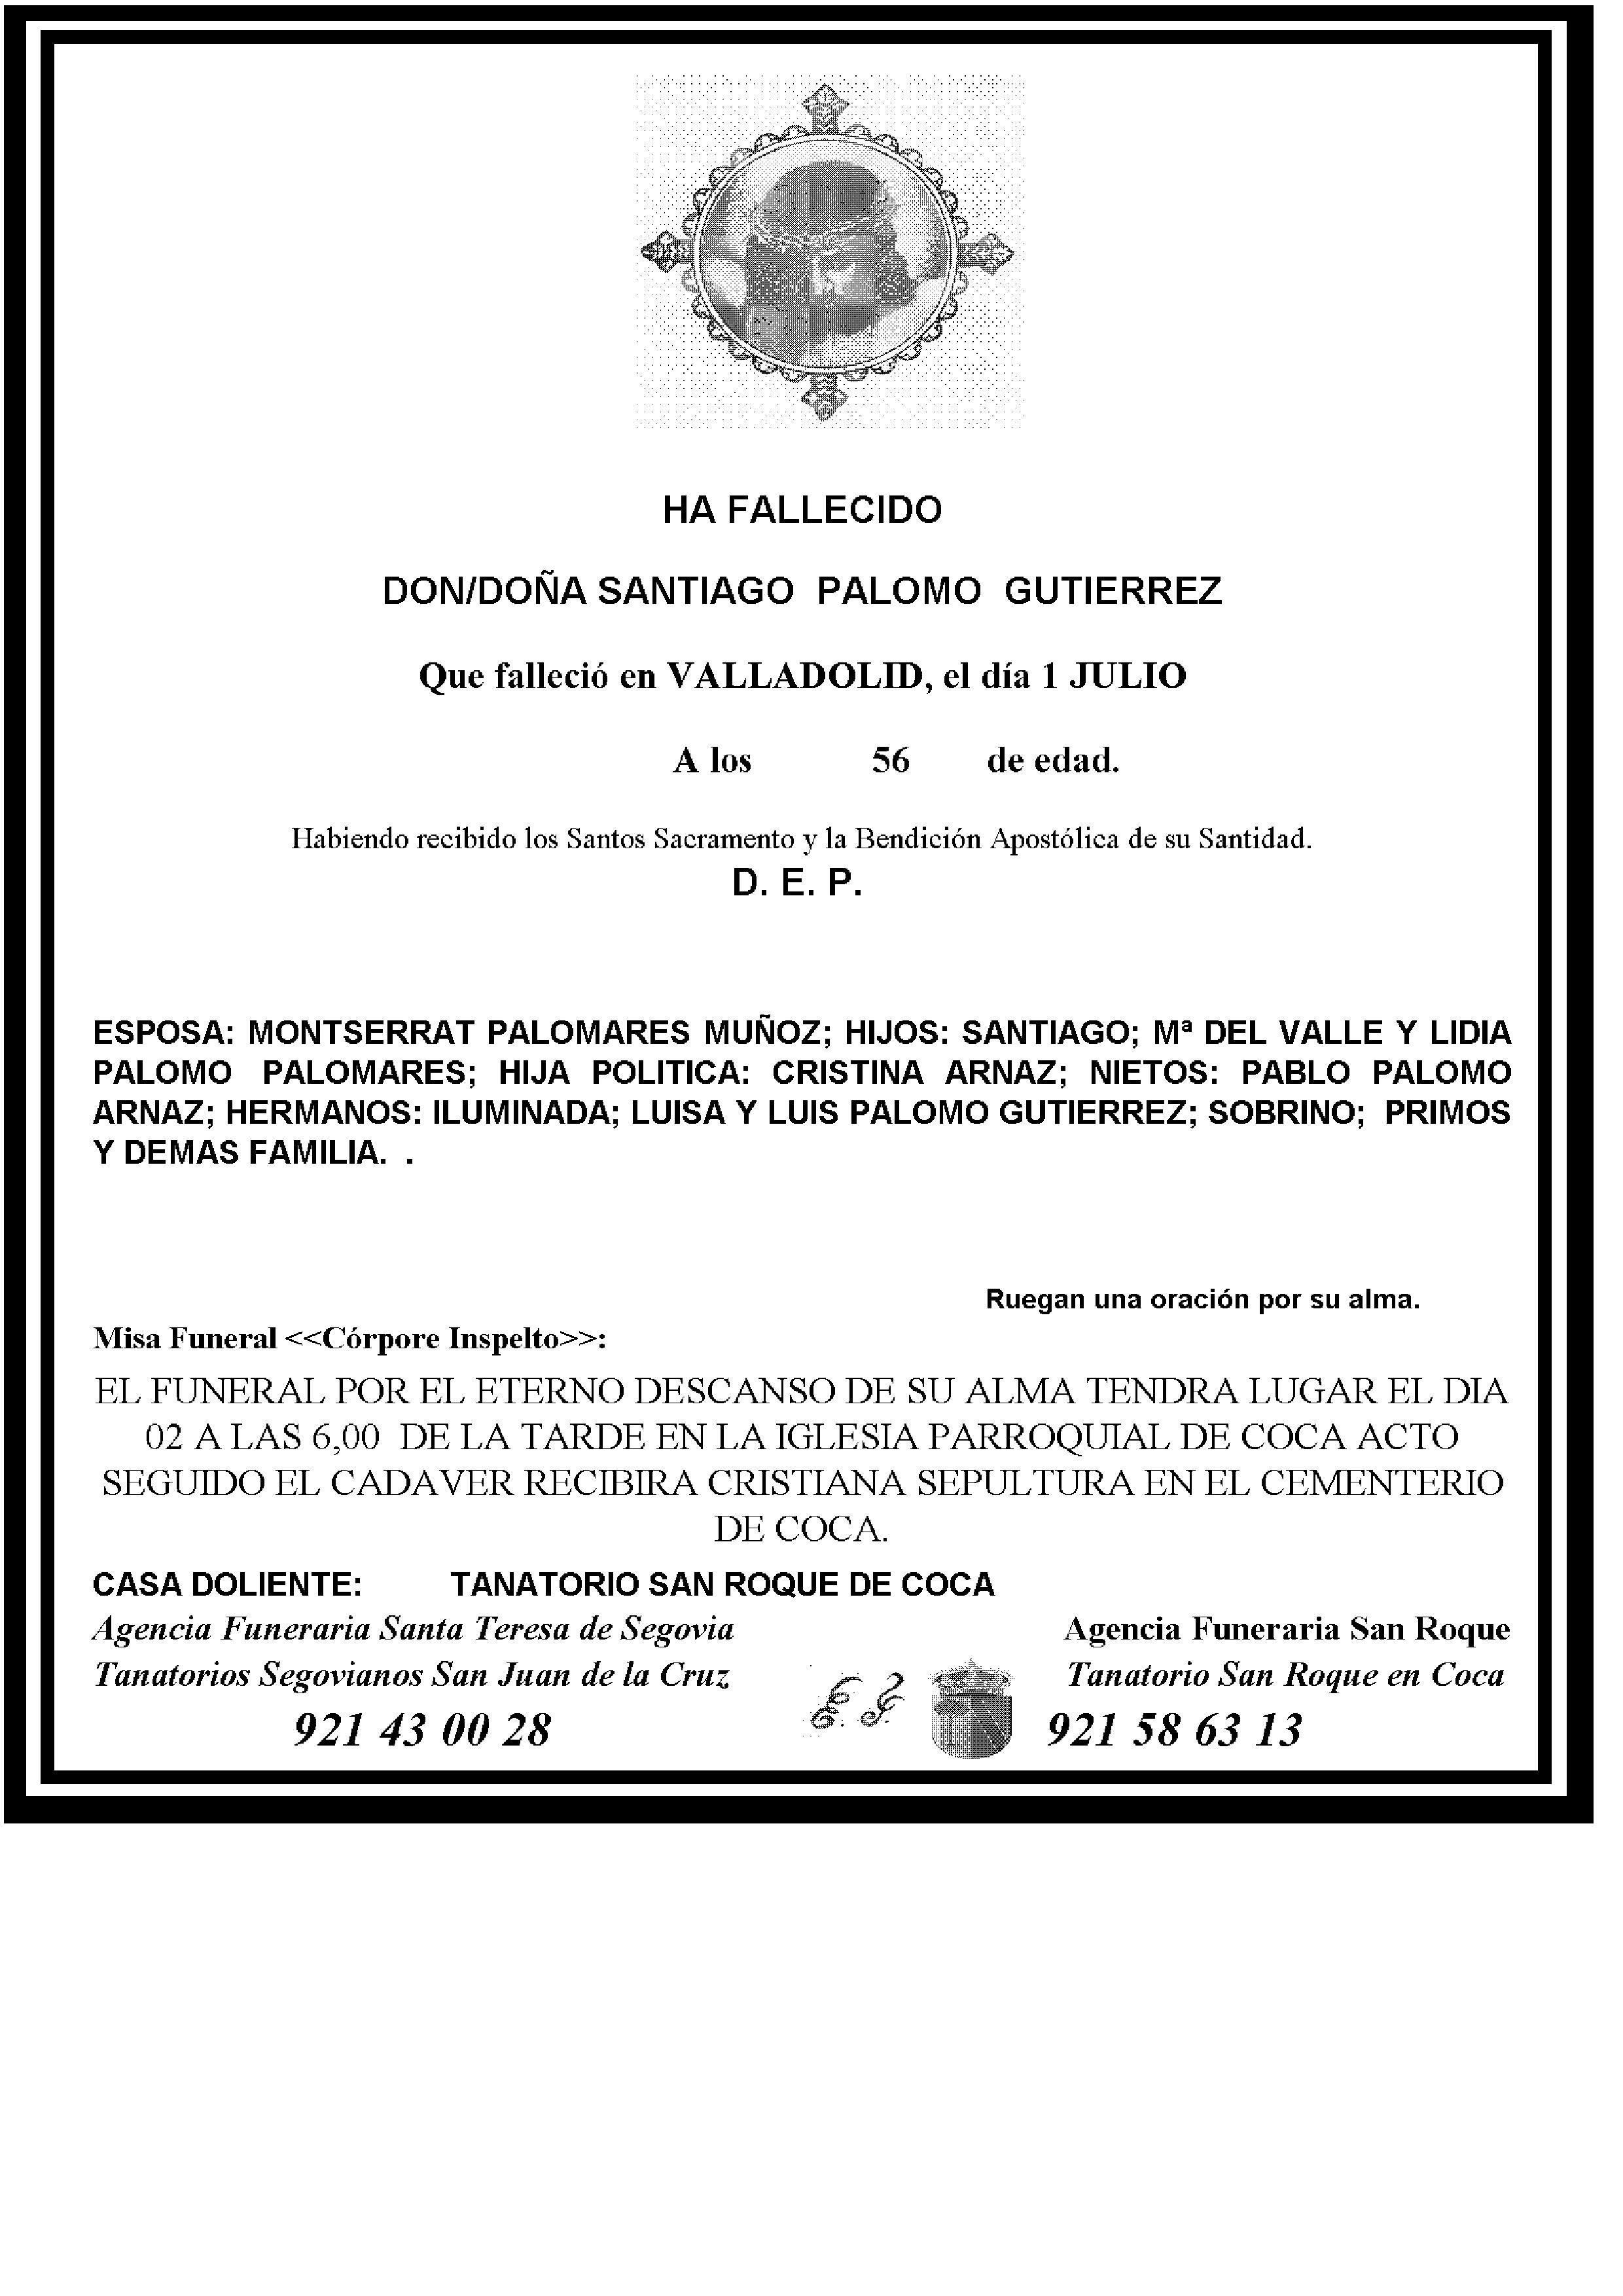 SANTIGO PALOMO GUTIERREZ